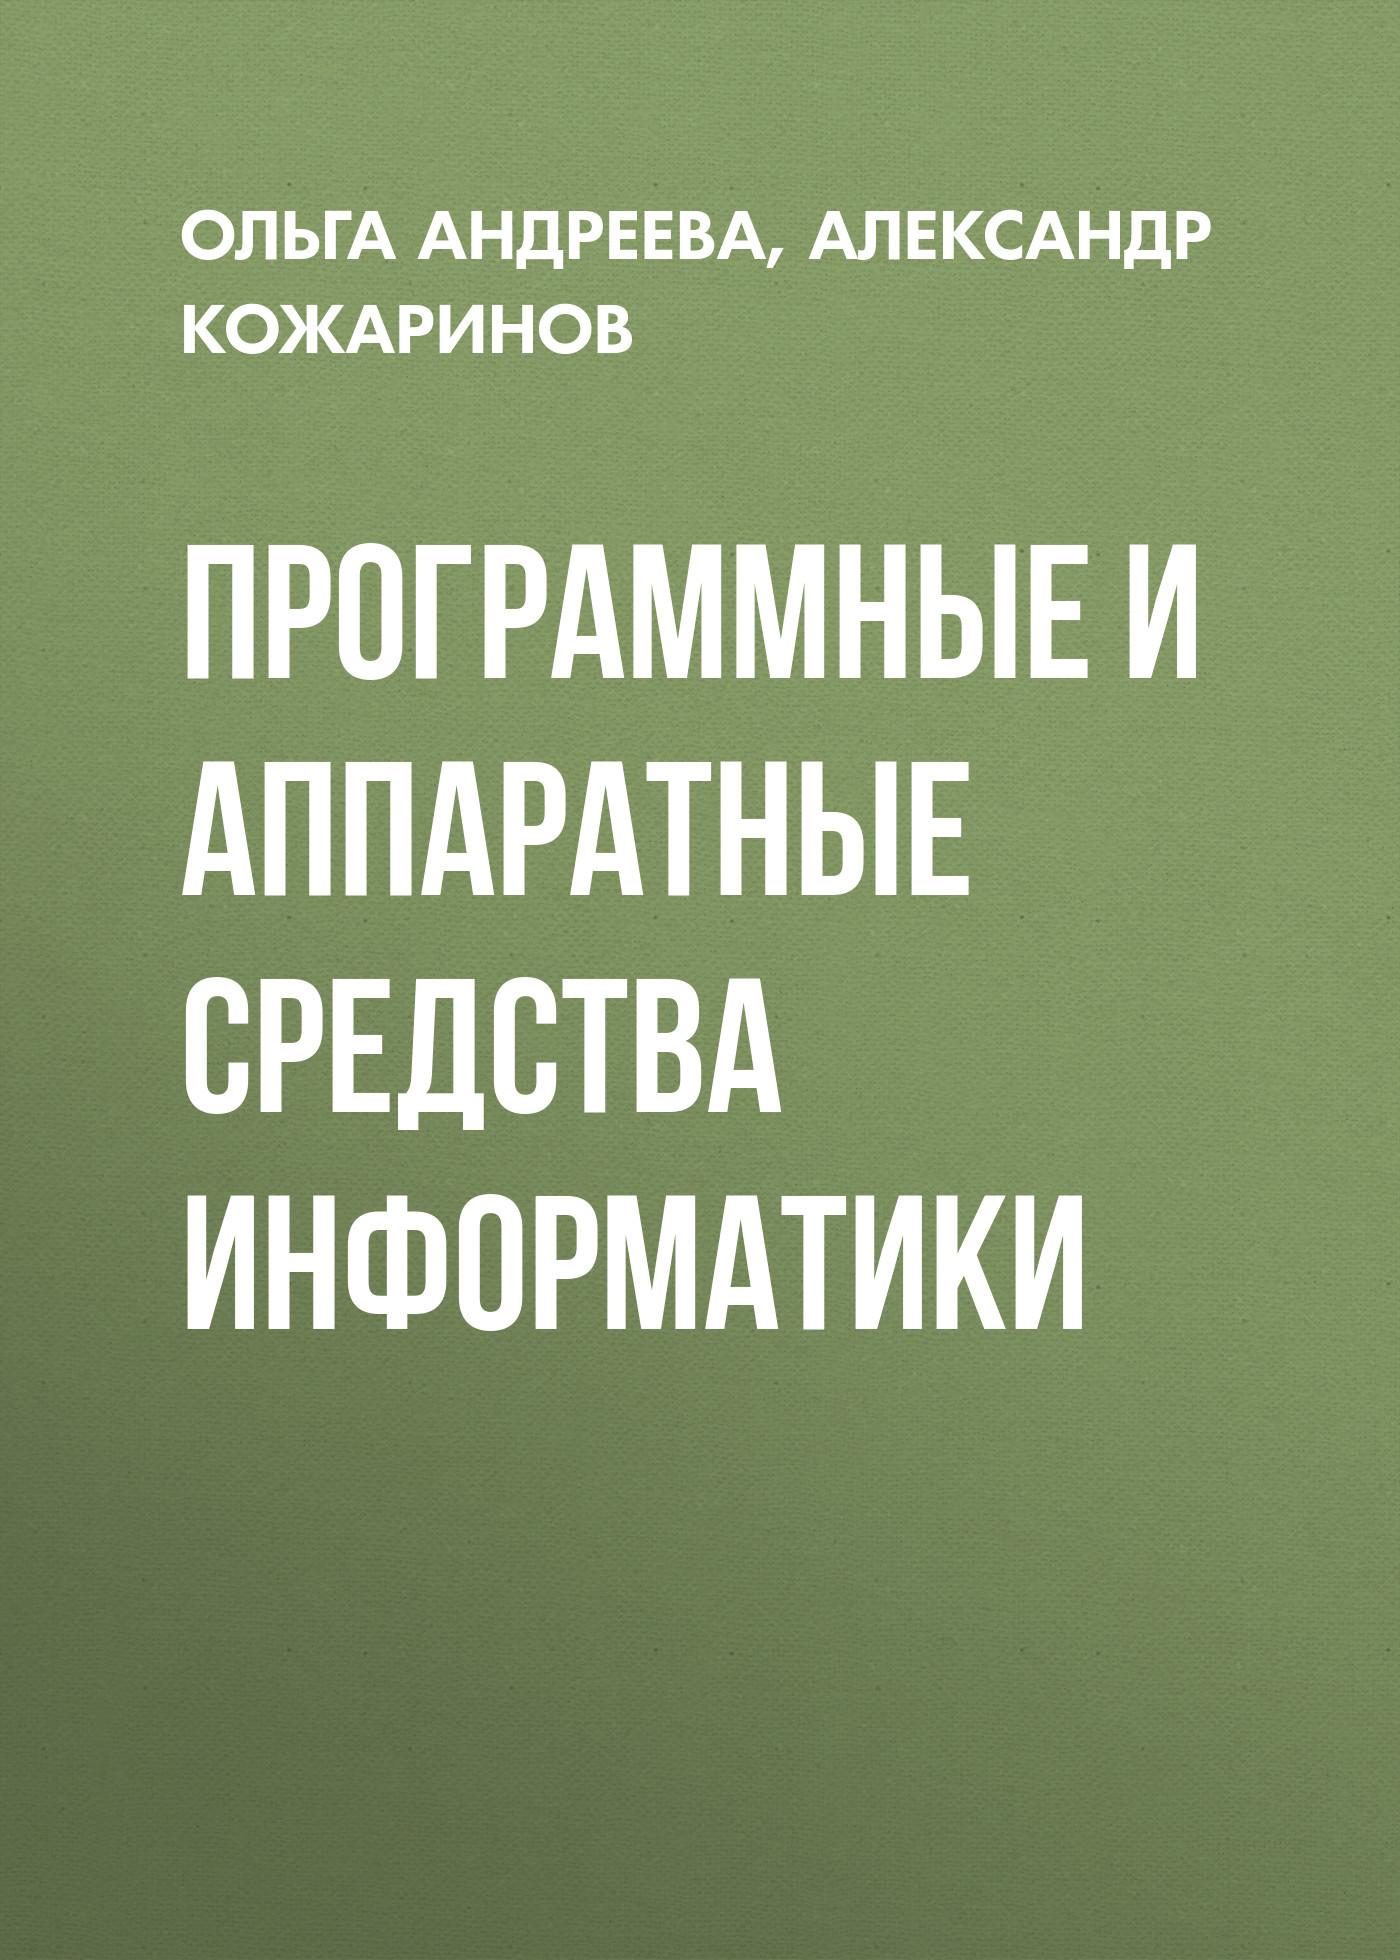 Ольга Андреева Программные и аппаратные средства информатики системы хранения